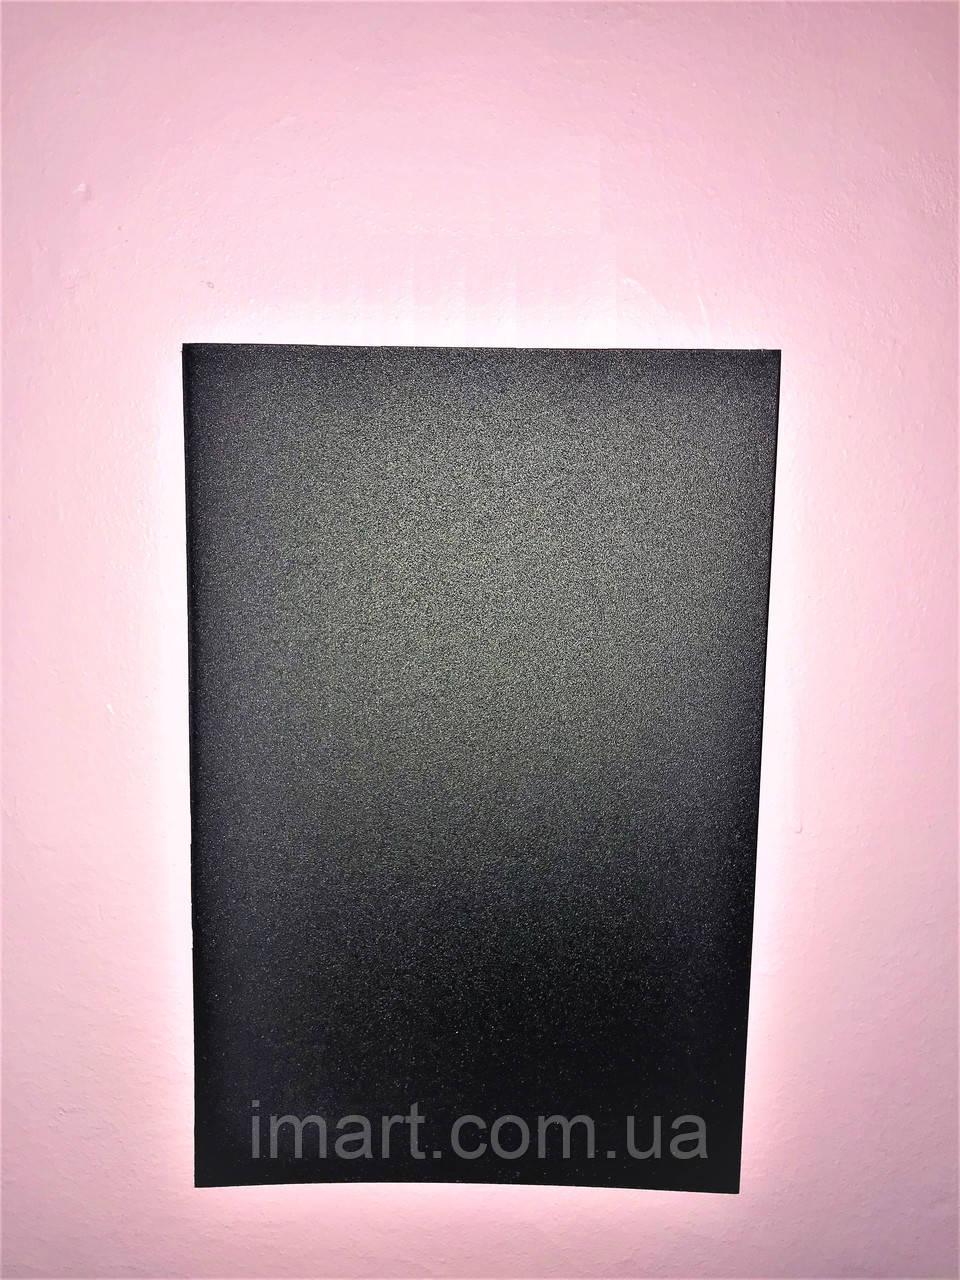 Доска меловая А3 40х30 см Магнитная. Для рисования мелом и маркером. Вертикальная. Грифельная